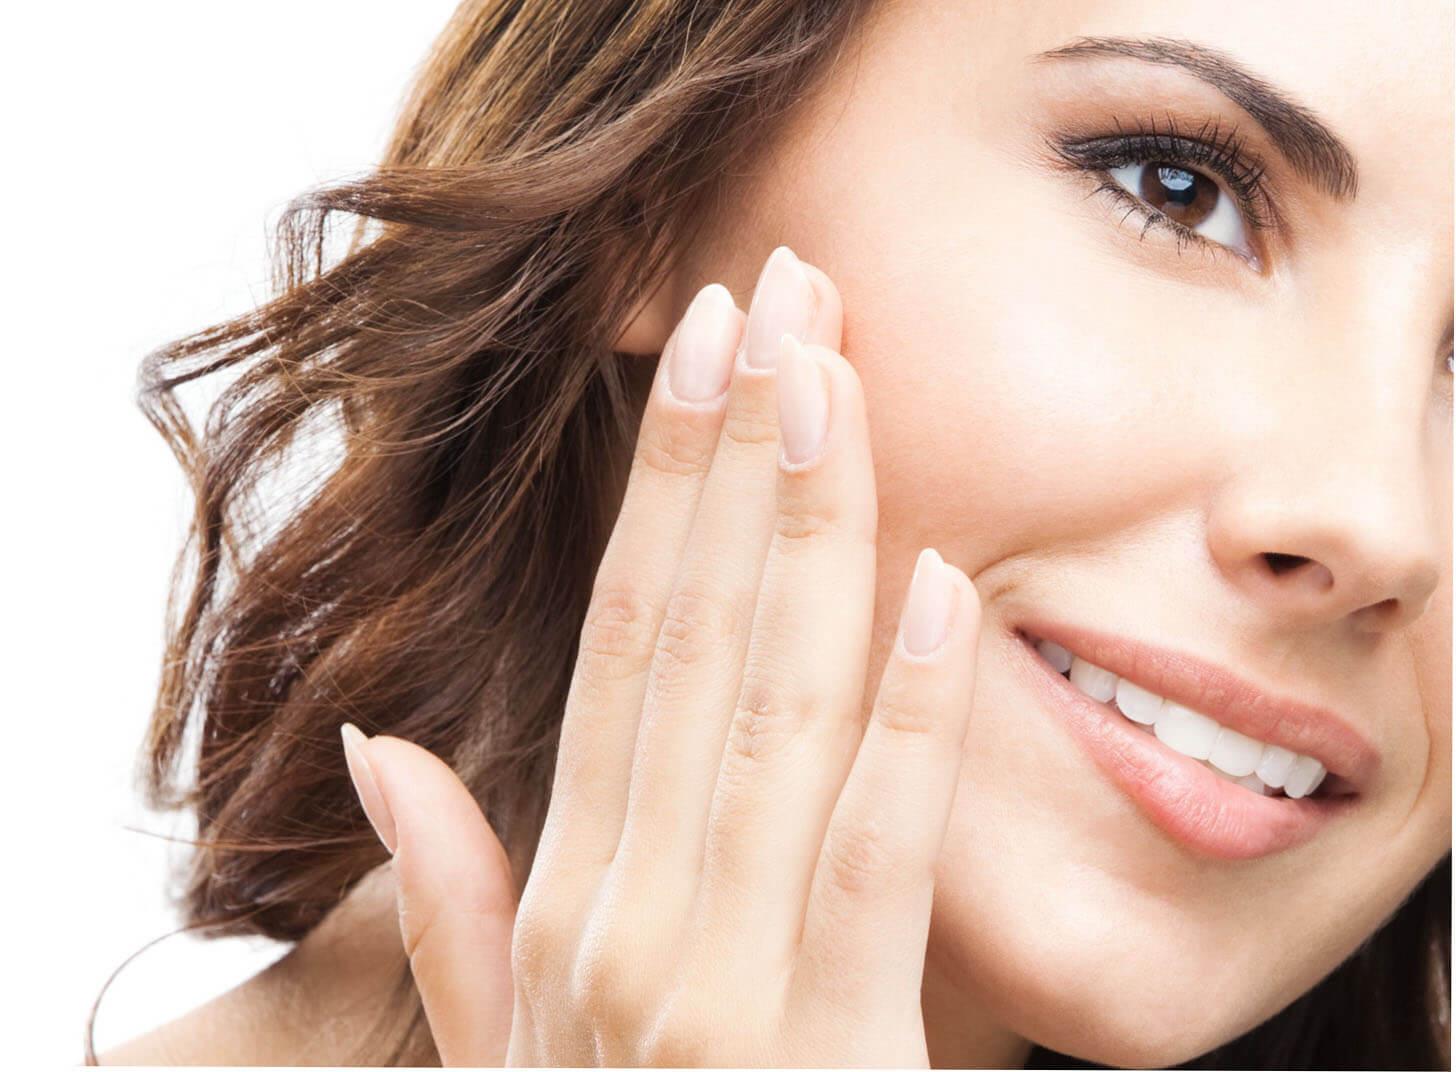 Покраснение лица. Причины и лечение, как убрать покраснение кожи лица.